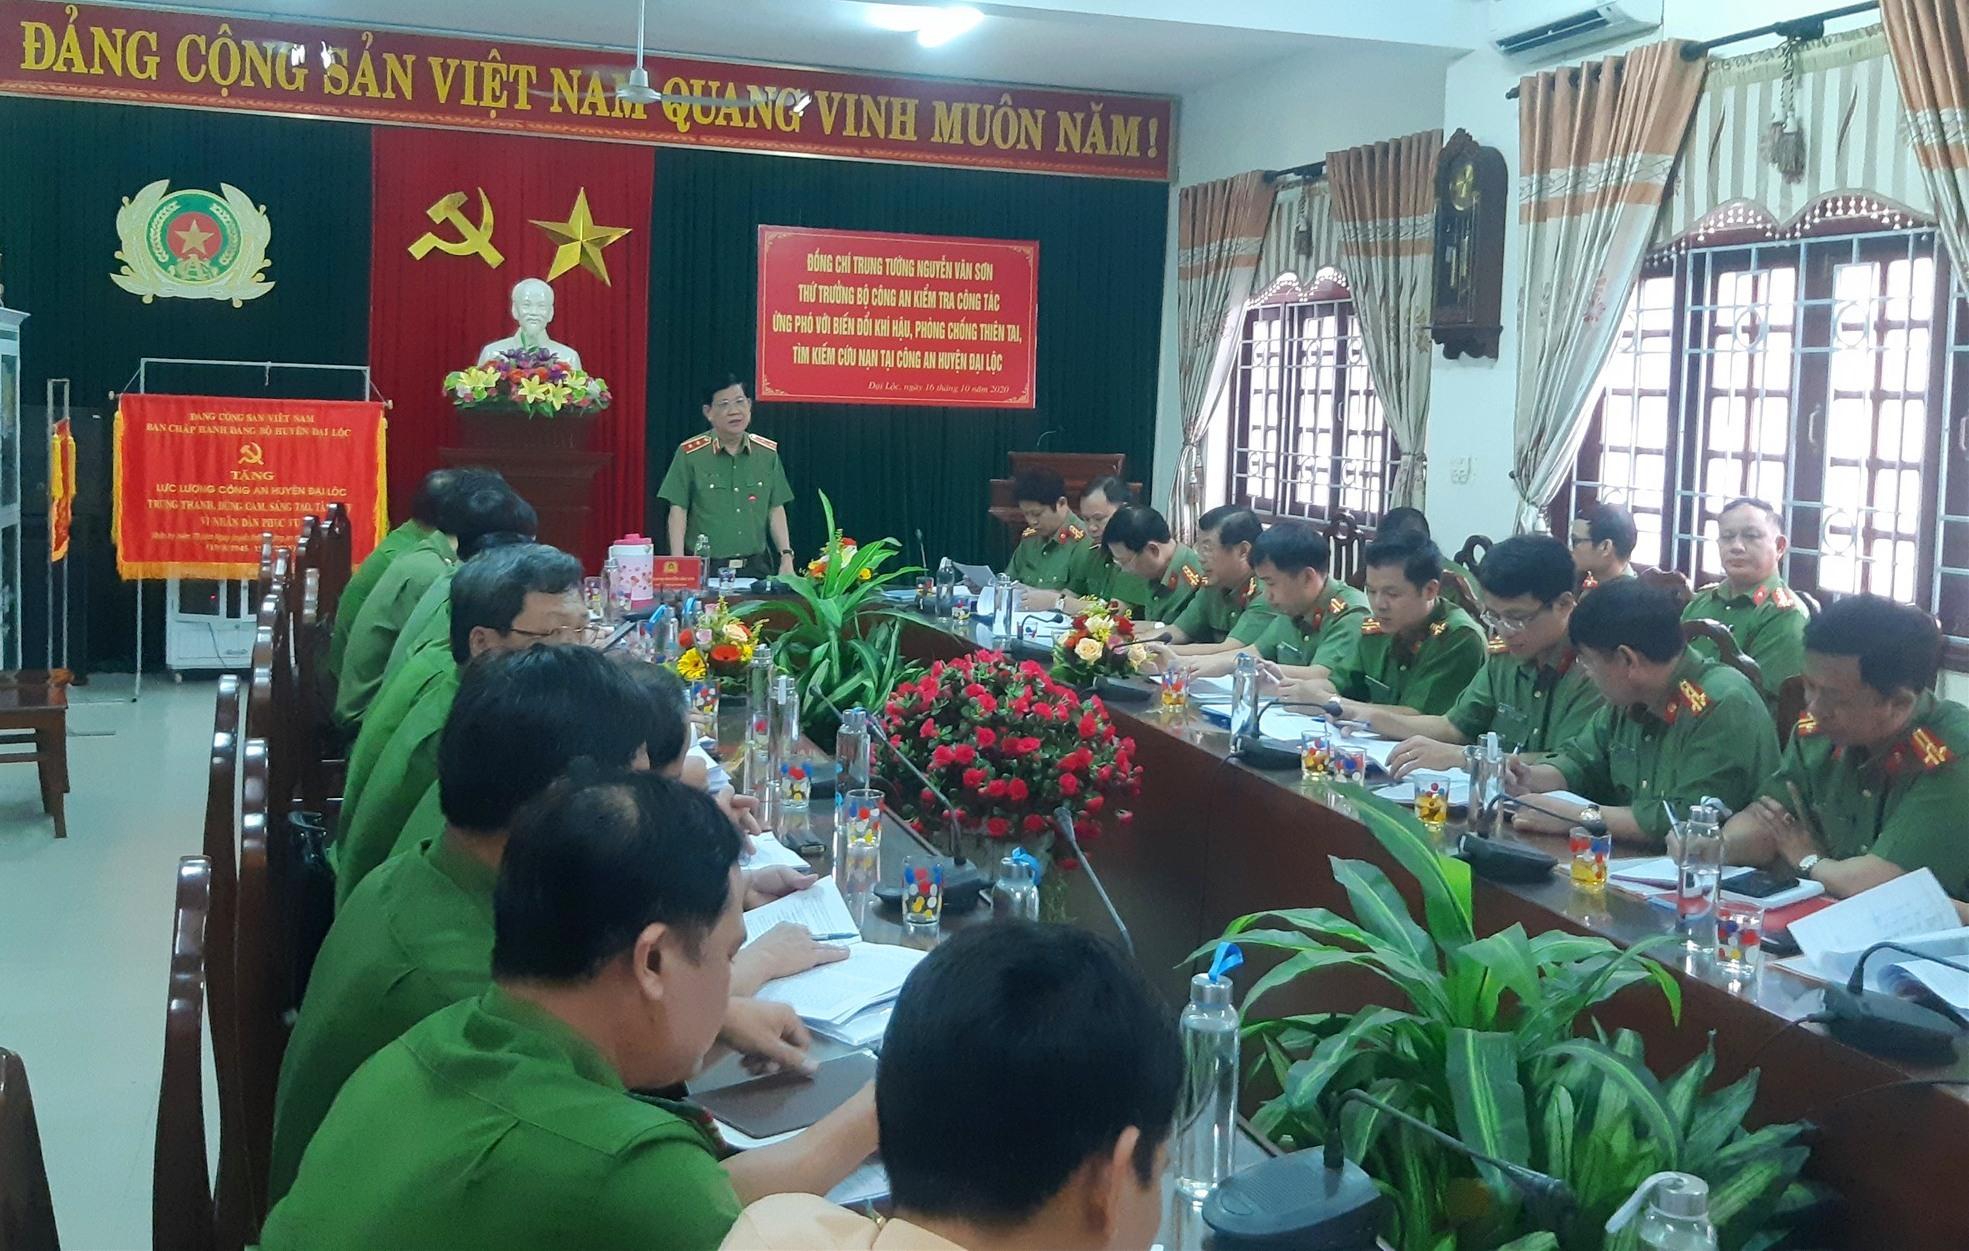 Trung tướng Nguyễn Văn Sơn - Thứ trưởng, Trưởng ban Chỉ đạo ứng phó với biến đổi khí hậu, phòng chống thiên tai (PCTT) và tìm kiếm cứu nạn (TKCN) Bộ Công an